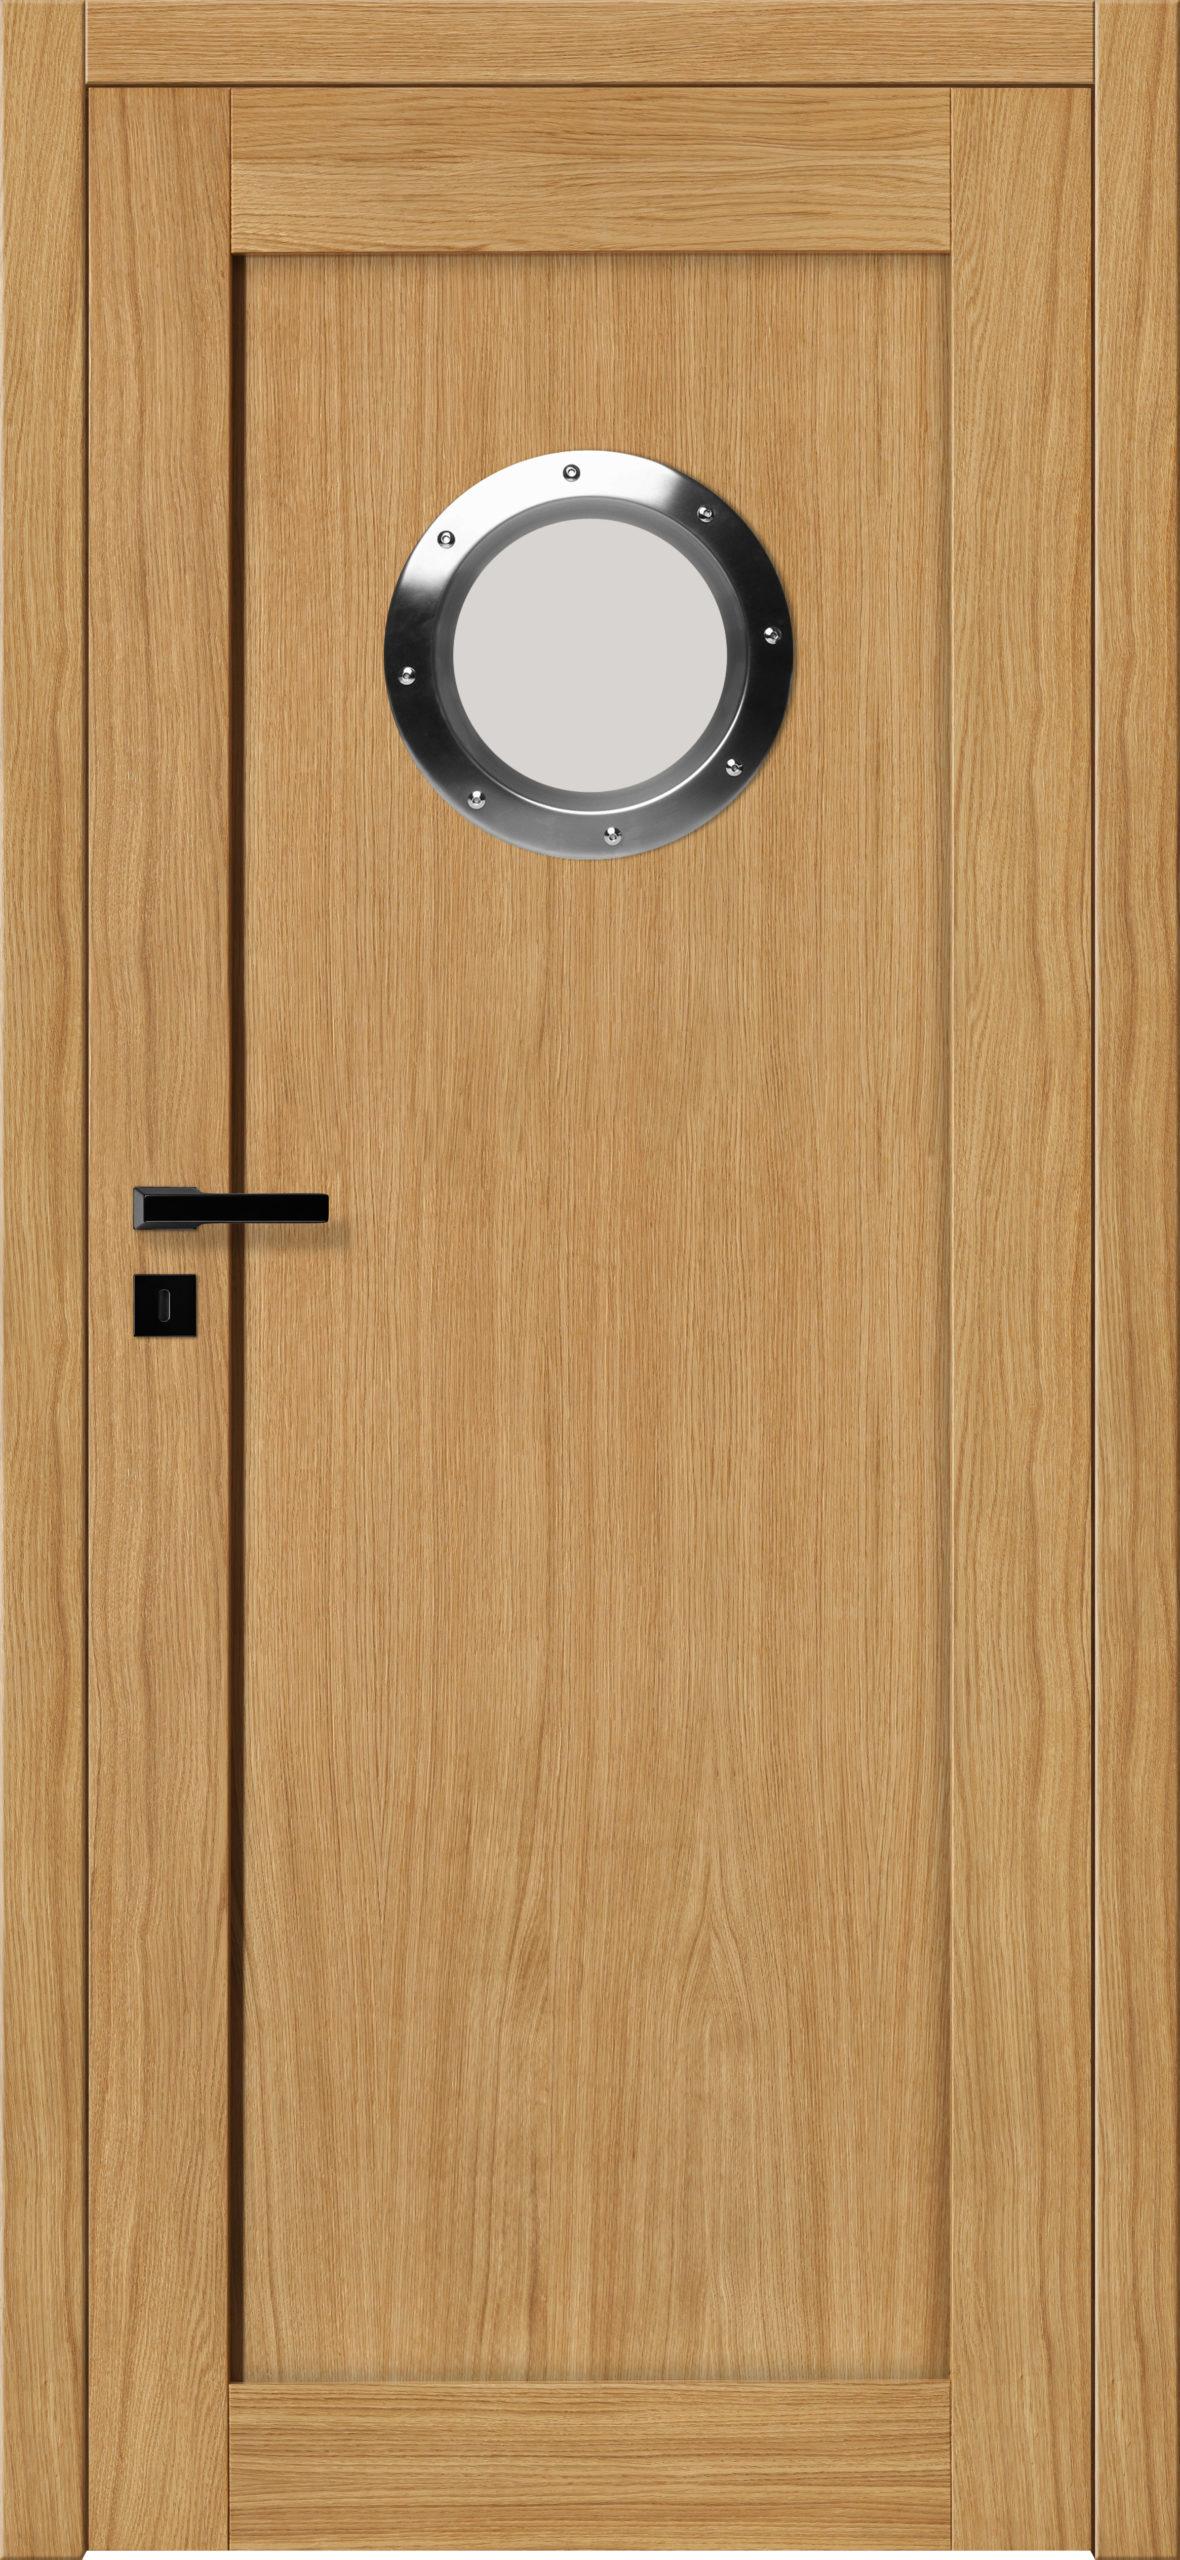 Sevilla B2 - dąb - lakier bezbarwny - szklenie lacomat bezpieczny - ościeżnica bezprzylgowa regulowana drewniana (V)